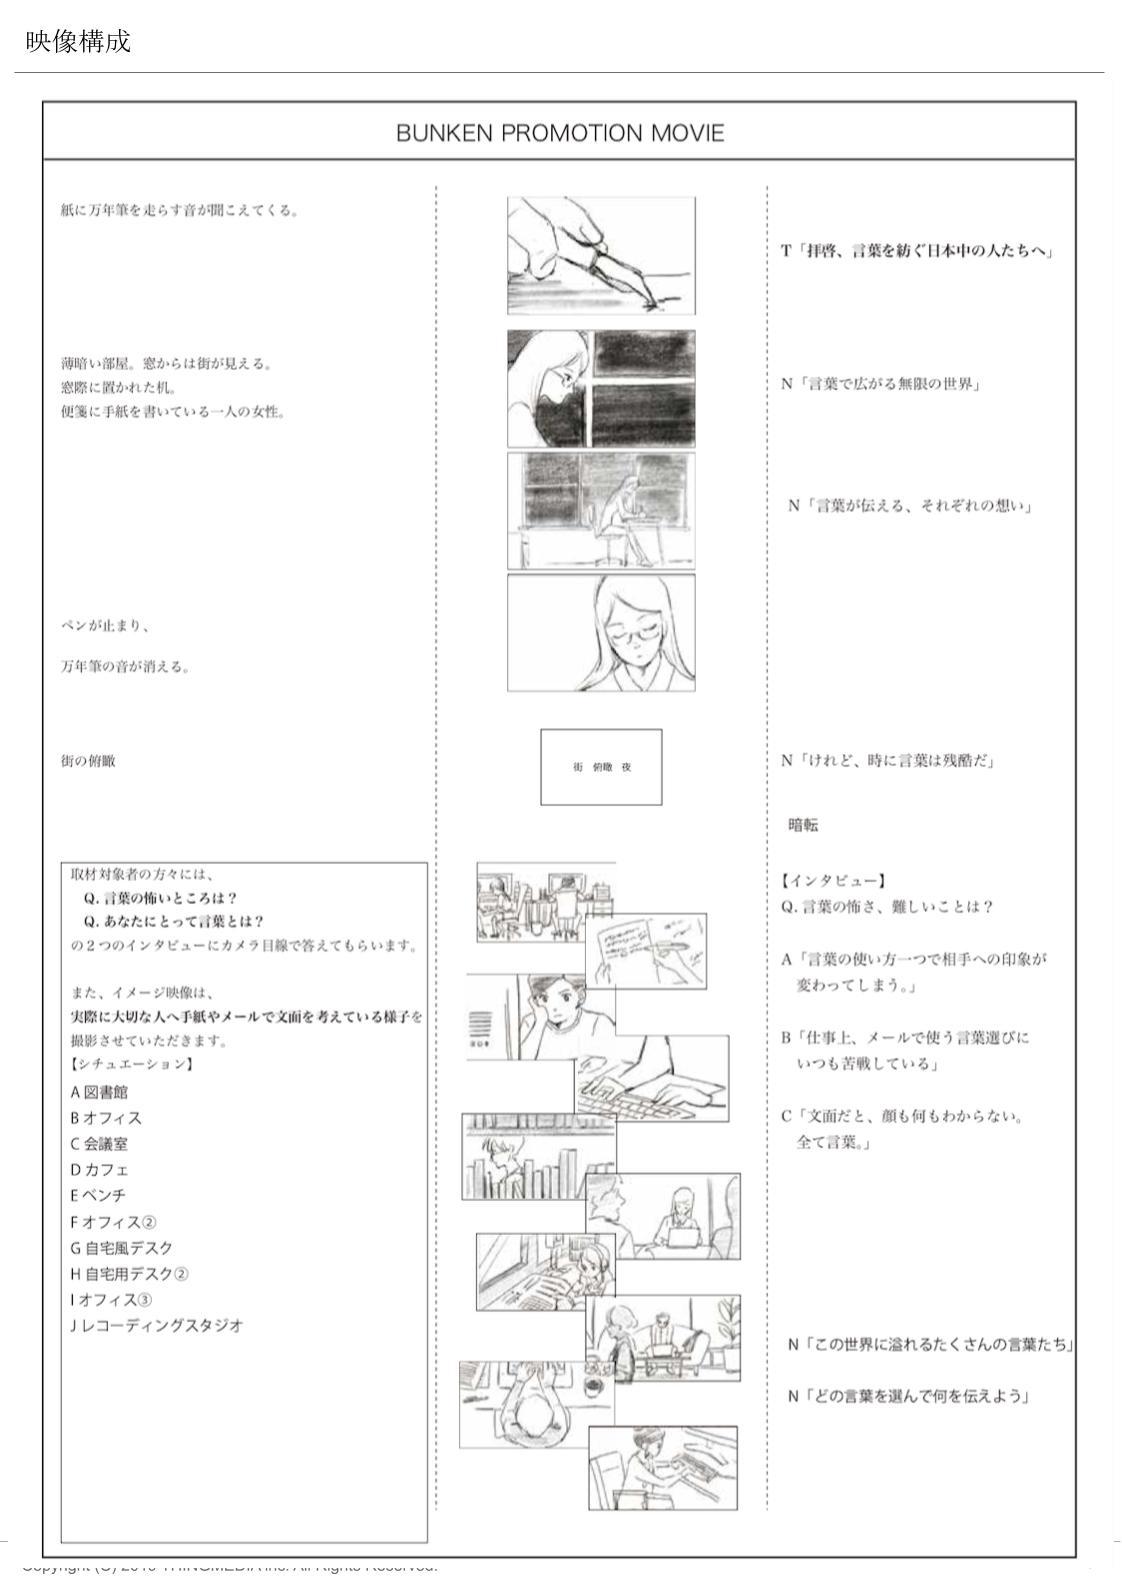 文賢コンセプトムービー コンテ2